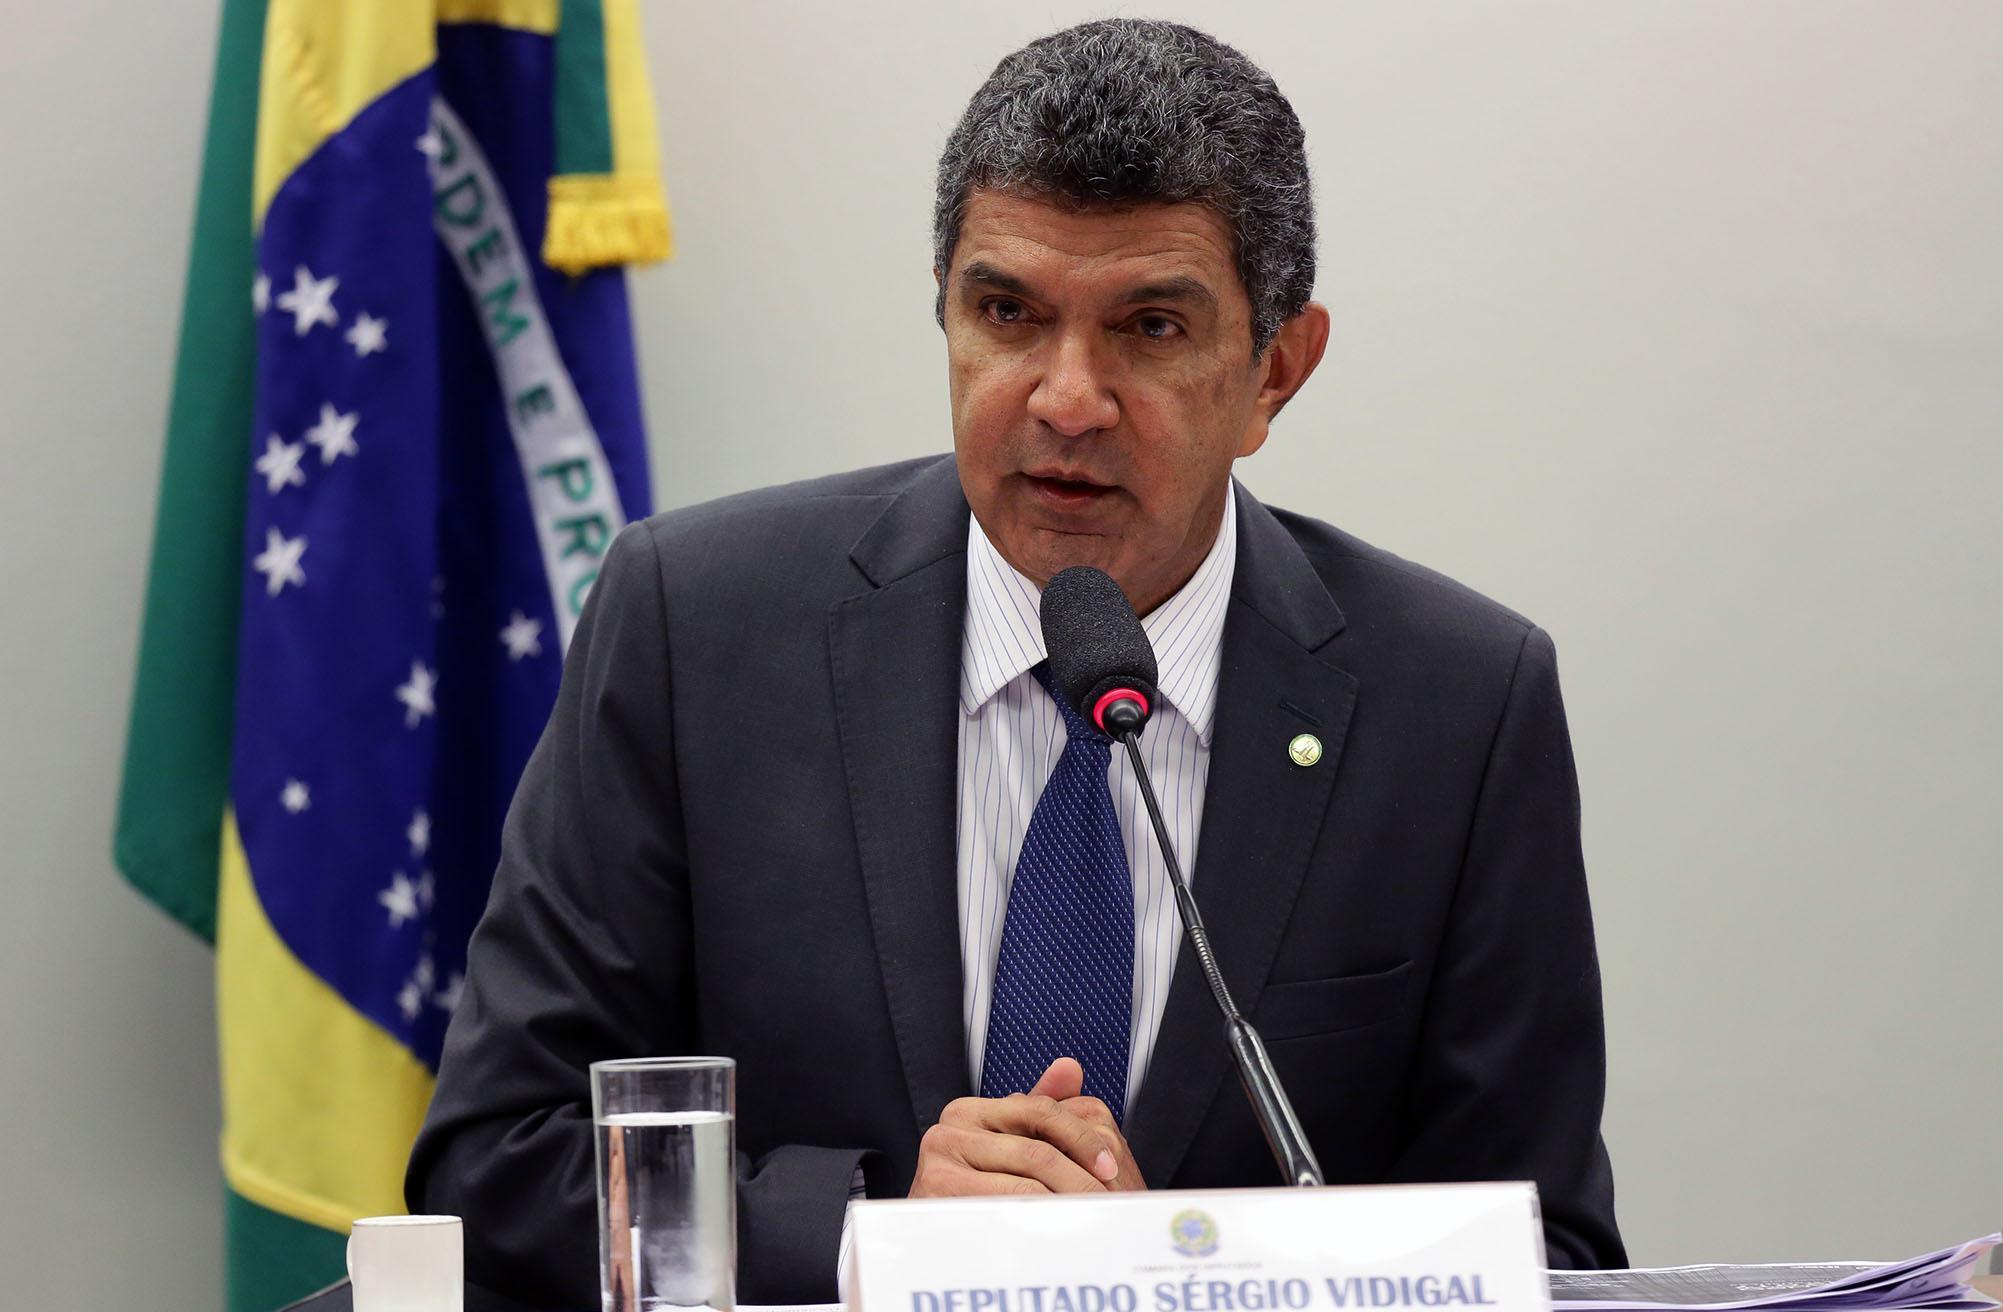 Audiência pública para avaliar a atual situação da Educação Básica no Brasil e suas perspectivas para os próximos anos. Dep. Sergio Vidigal (PDT - ES)